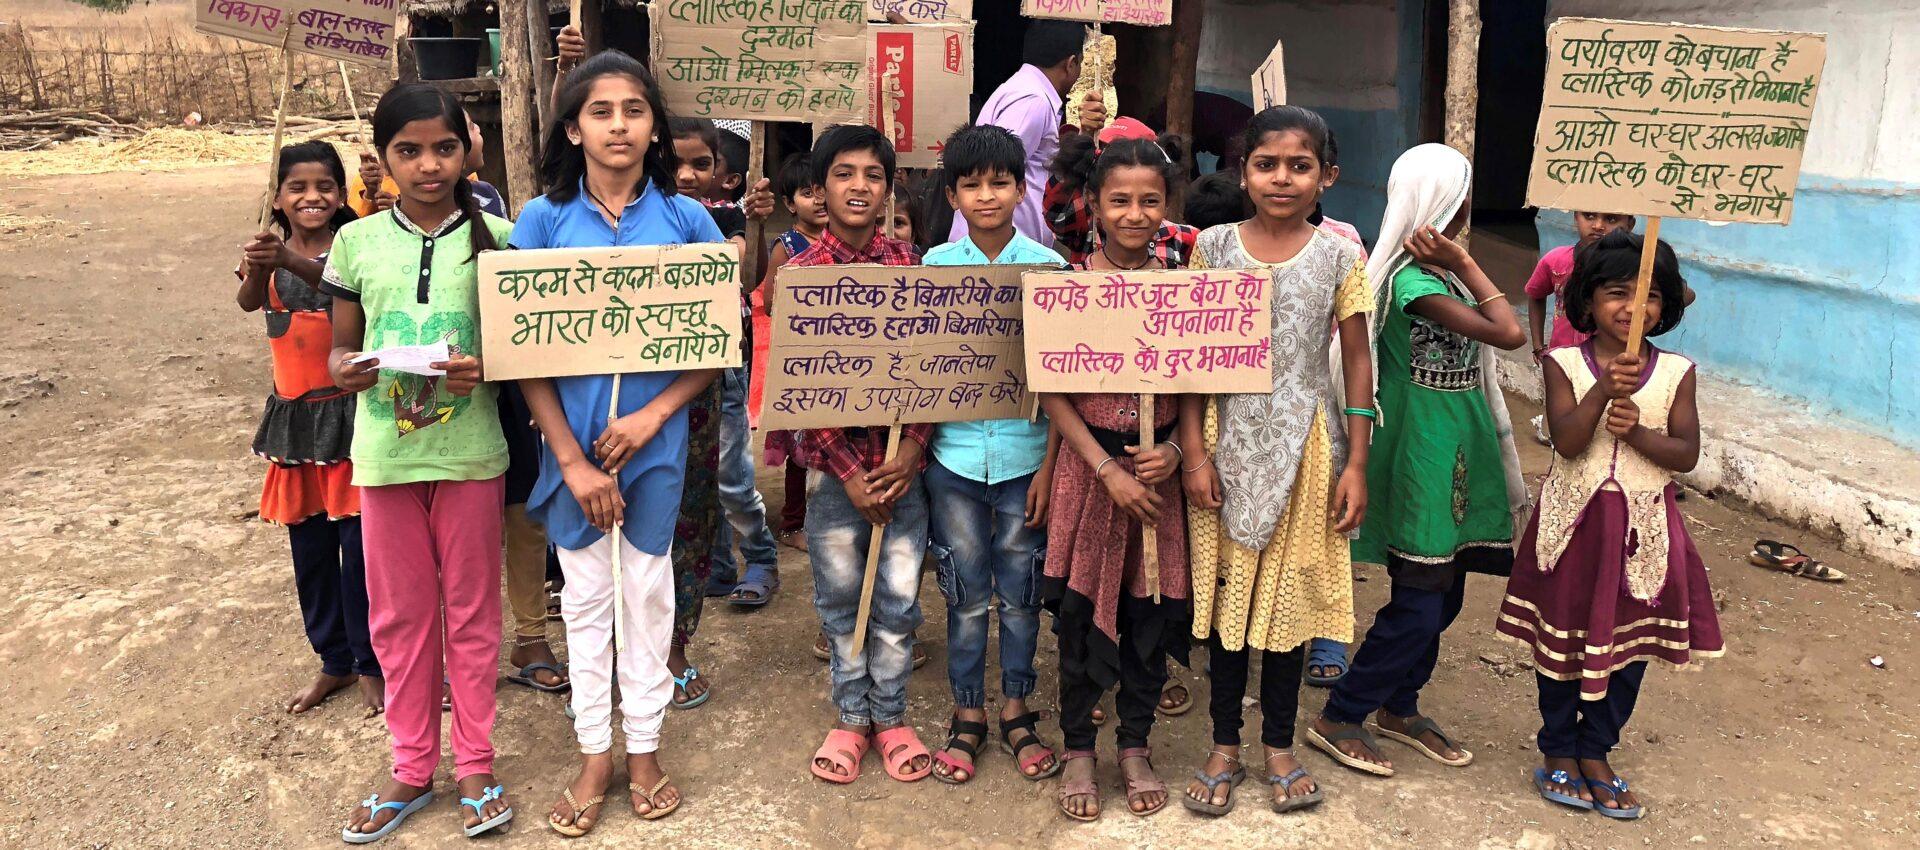 En grupp barn med plakat i händerna.